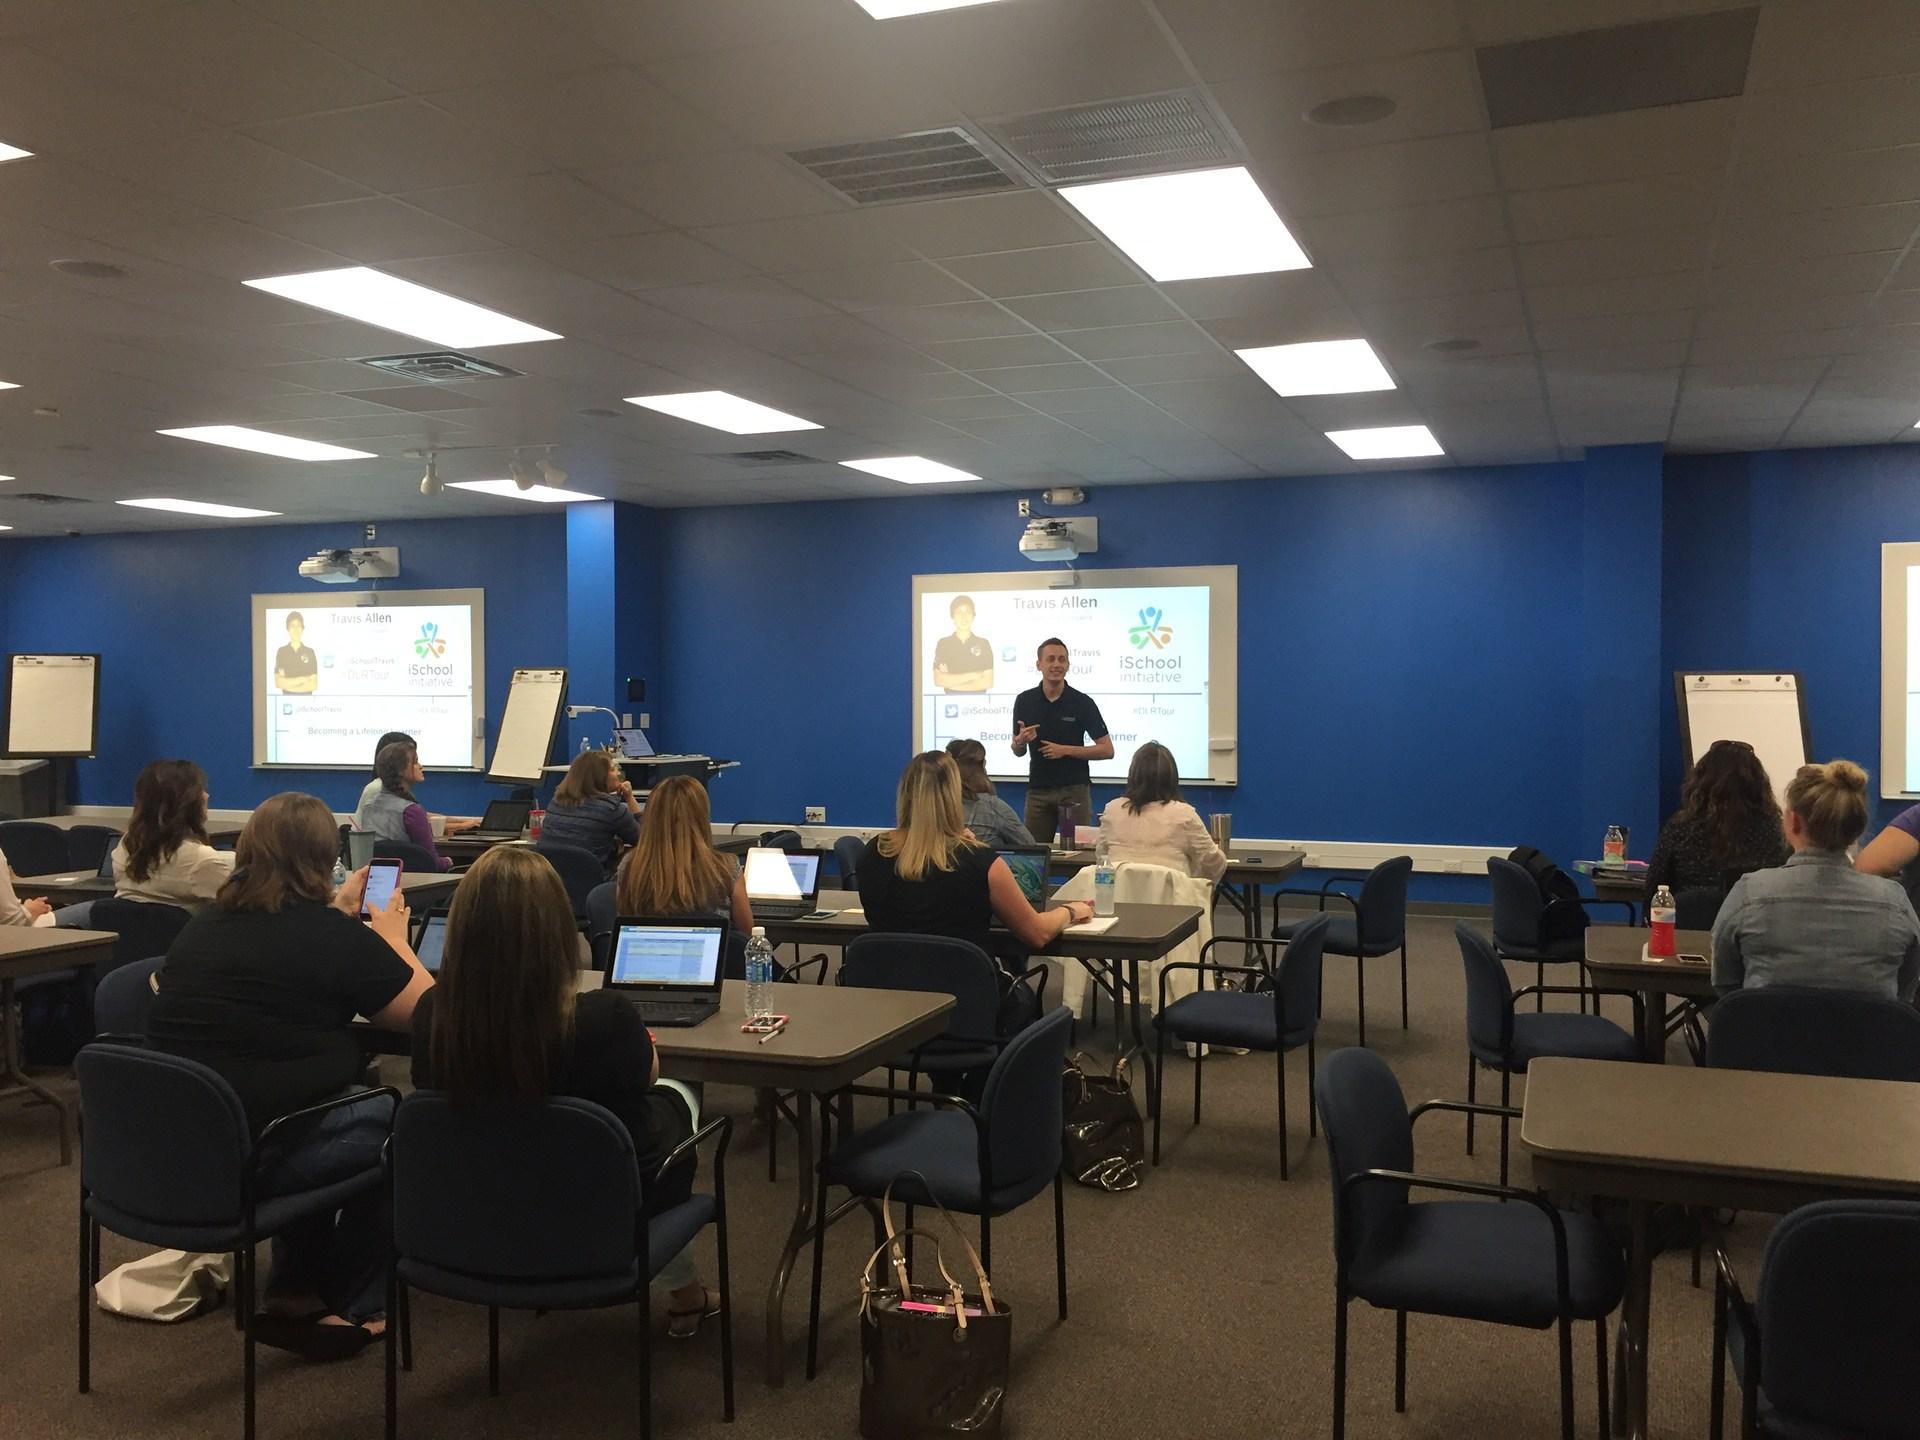 Teachers participate in the iSchool program with Travis Allen